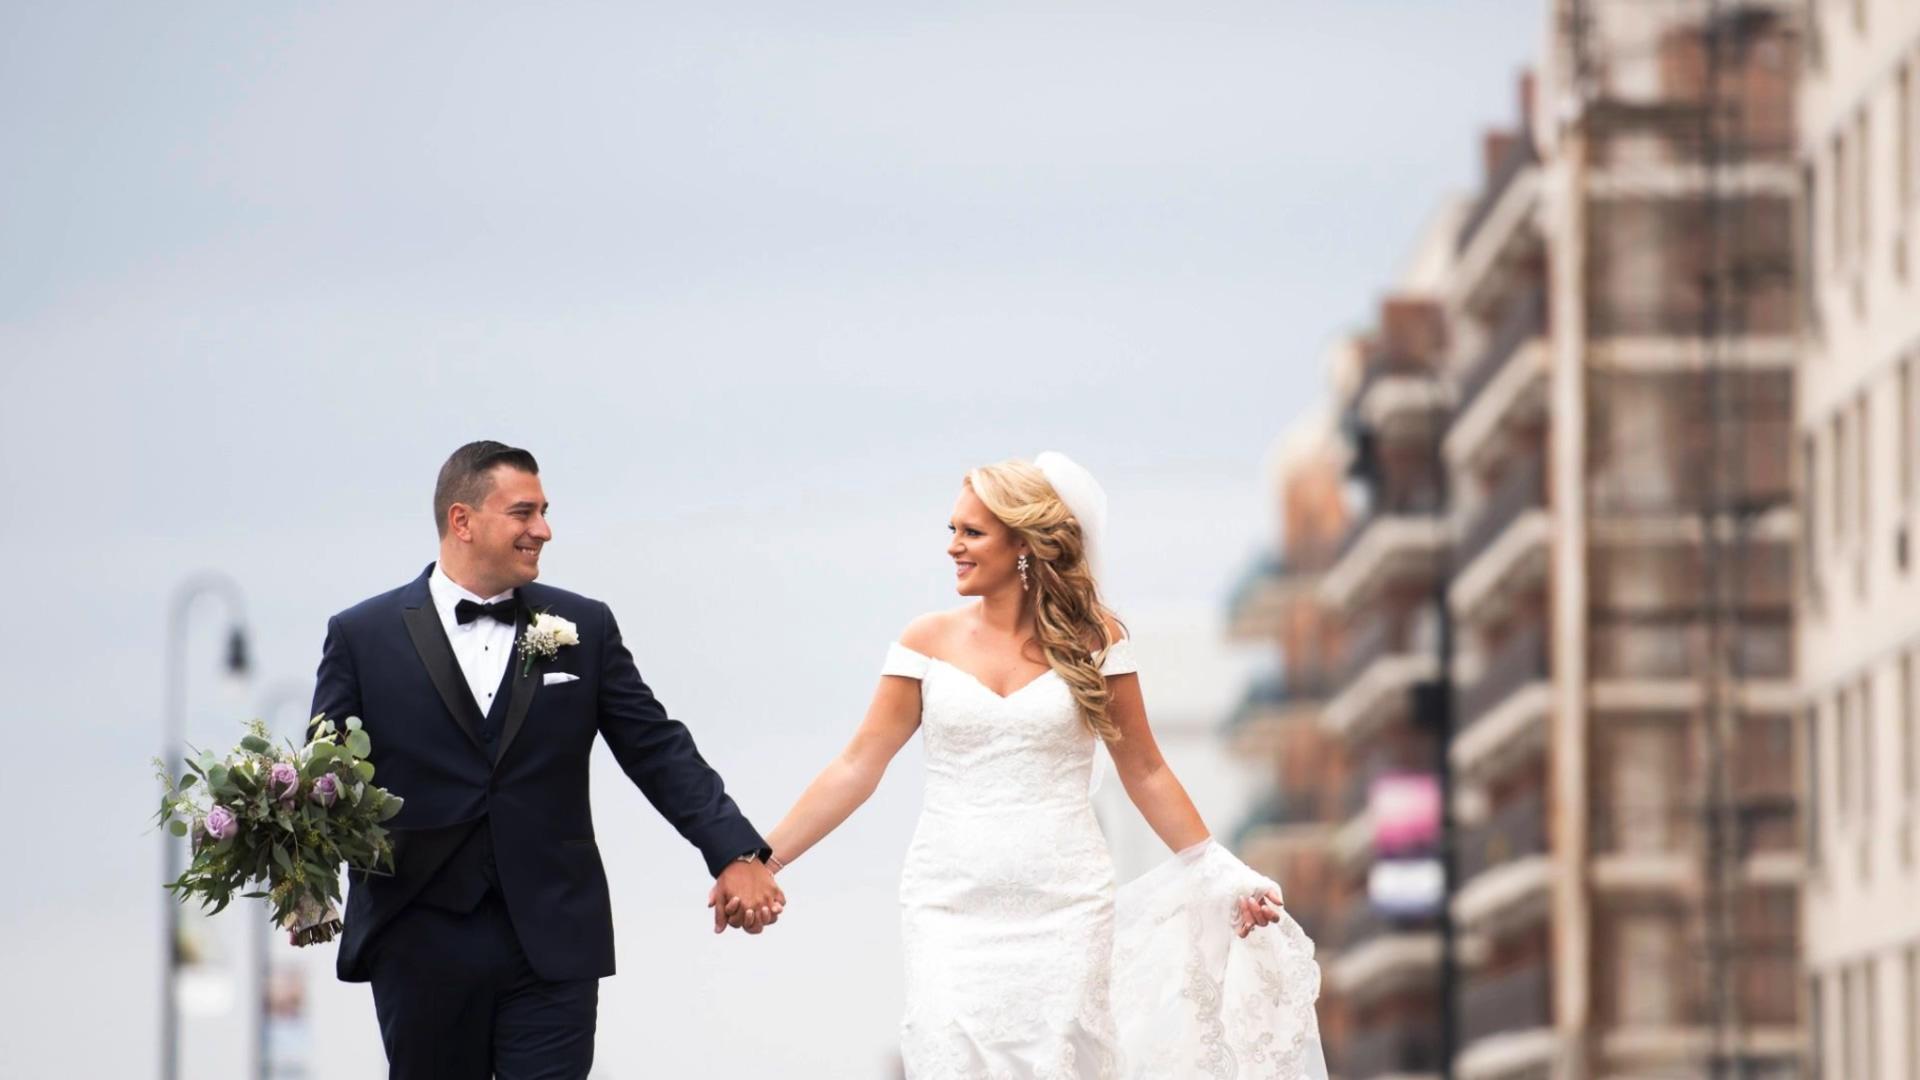 2020_Wedding_Photos_at_Long_Beach_1080p